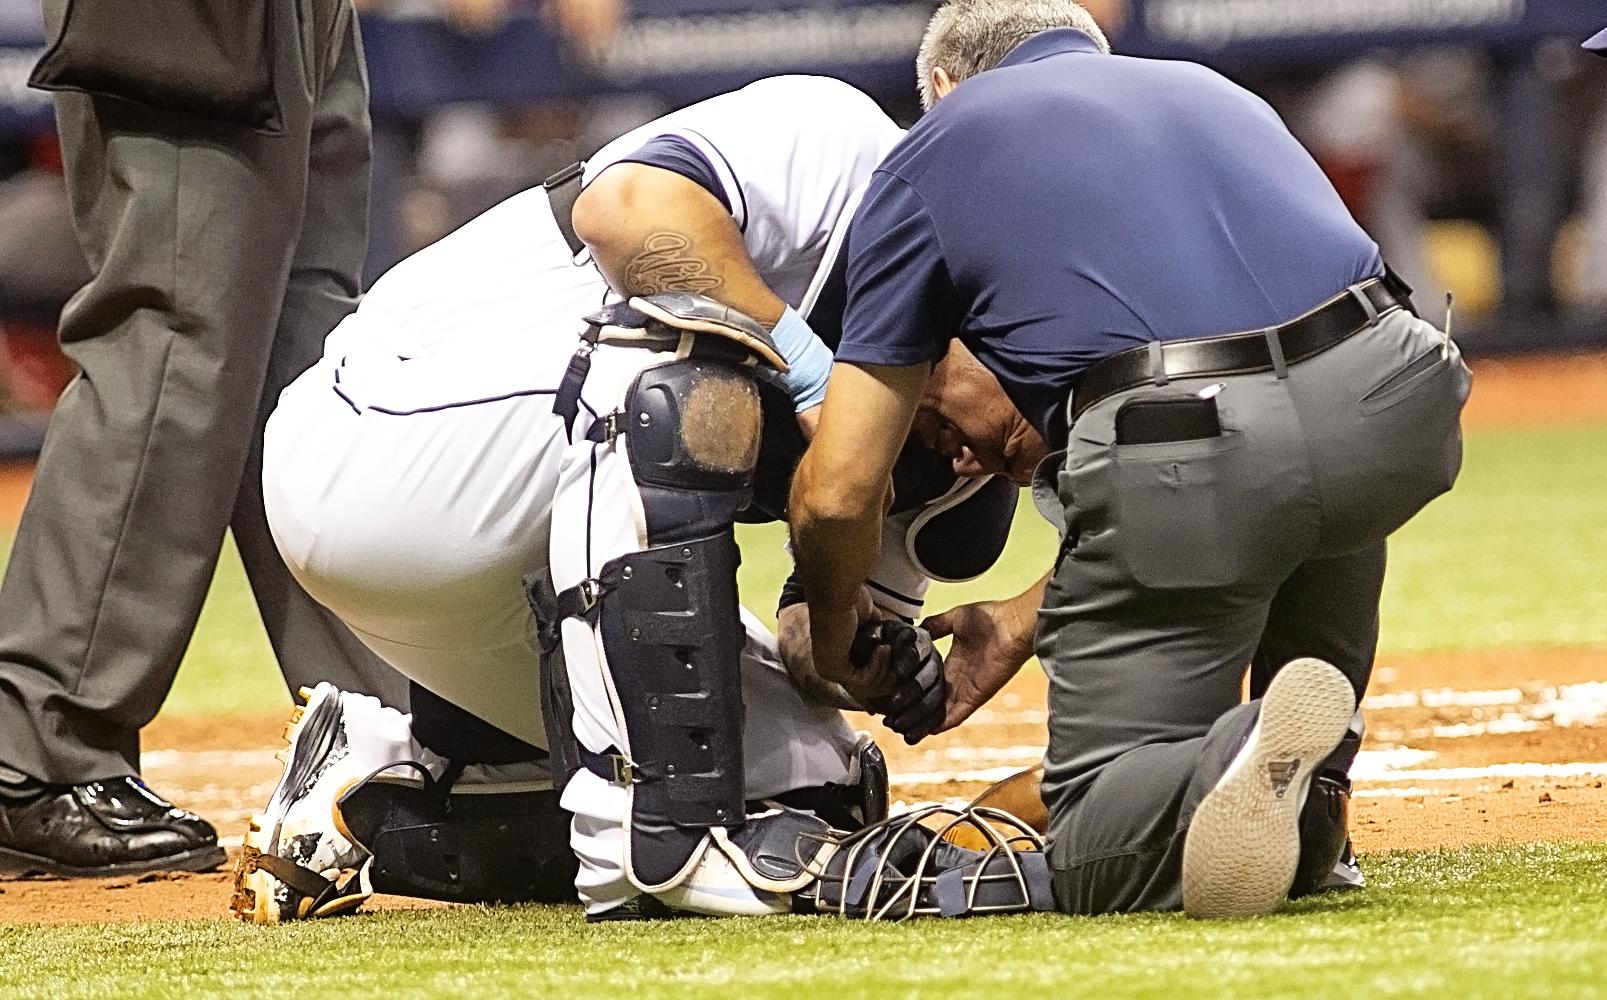 Ramos injured his hand in the third inning./CARMEN MANDATO